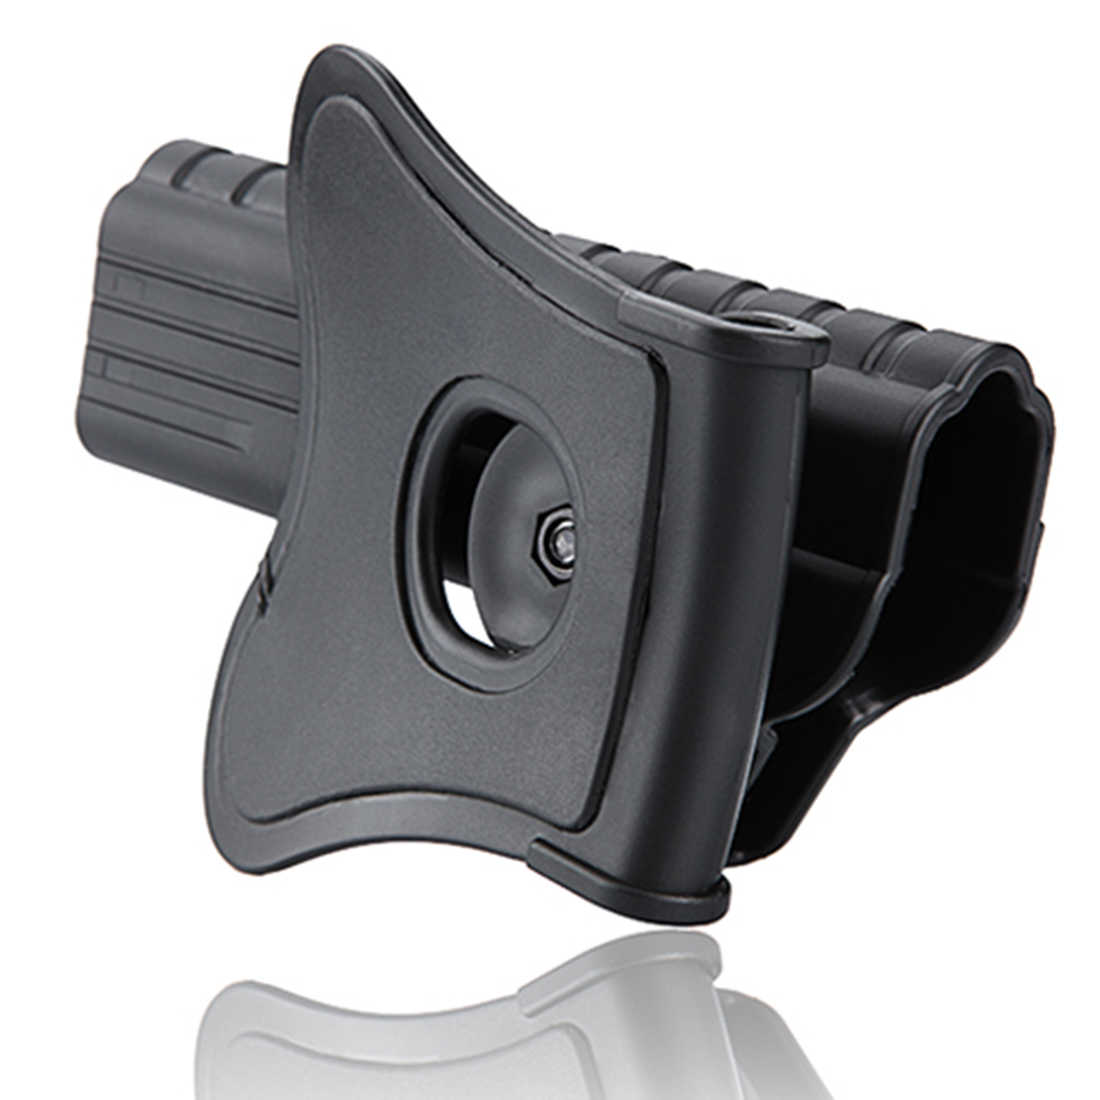 NFSTRIKE Amomax 34 Ajustável Tactical Holster Para Glock E Réplica-Right-Handed Preto (Apenas Com Placa Cintura, nenhuma Outra Parte)